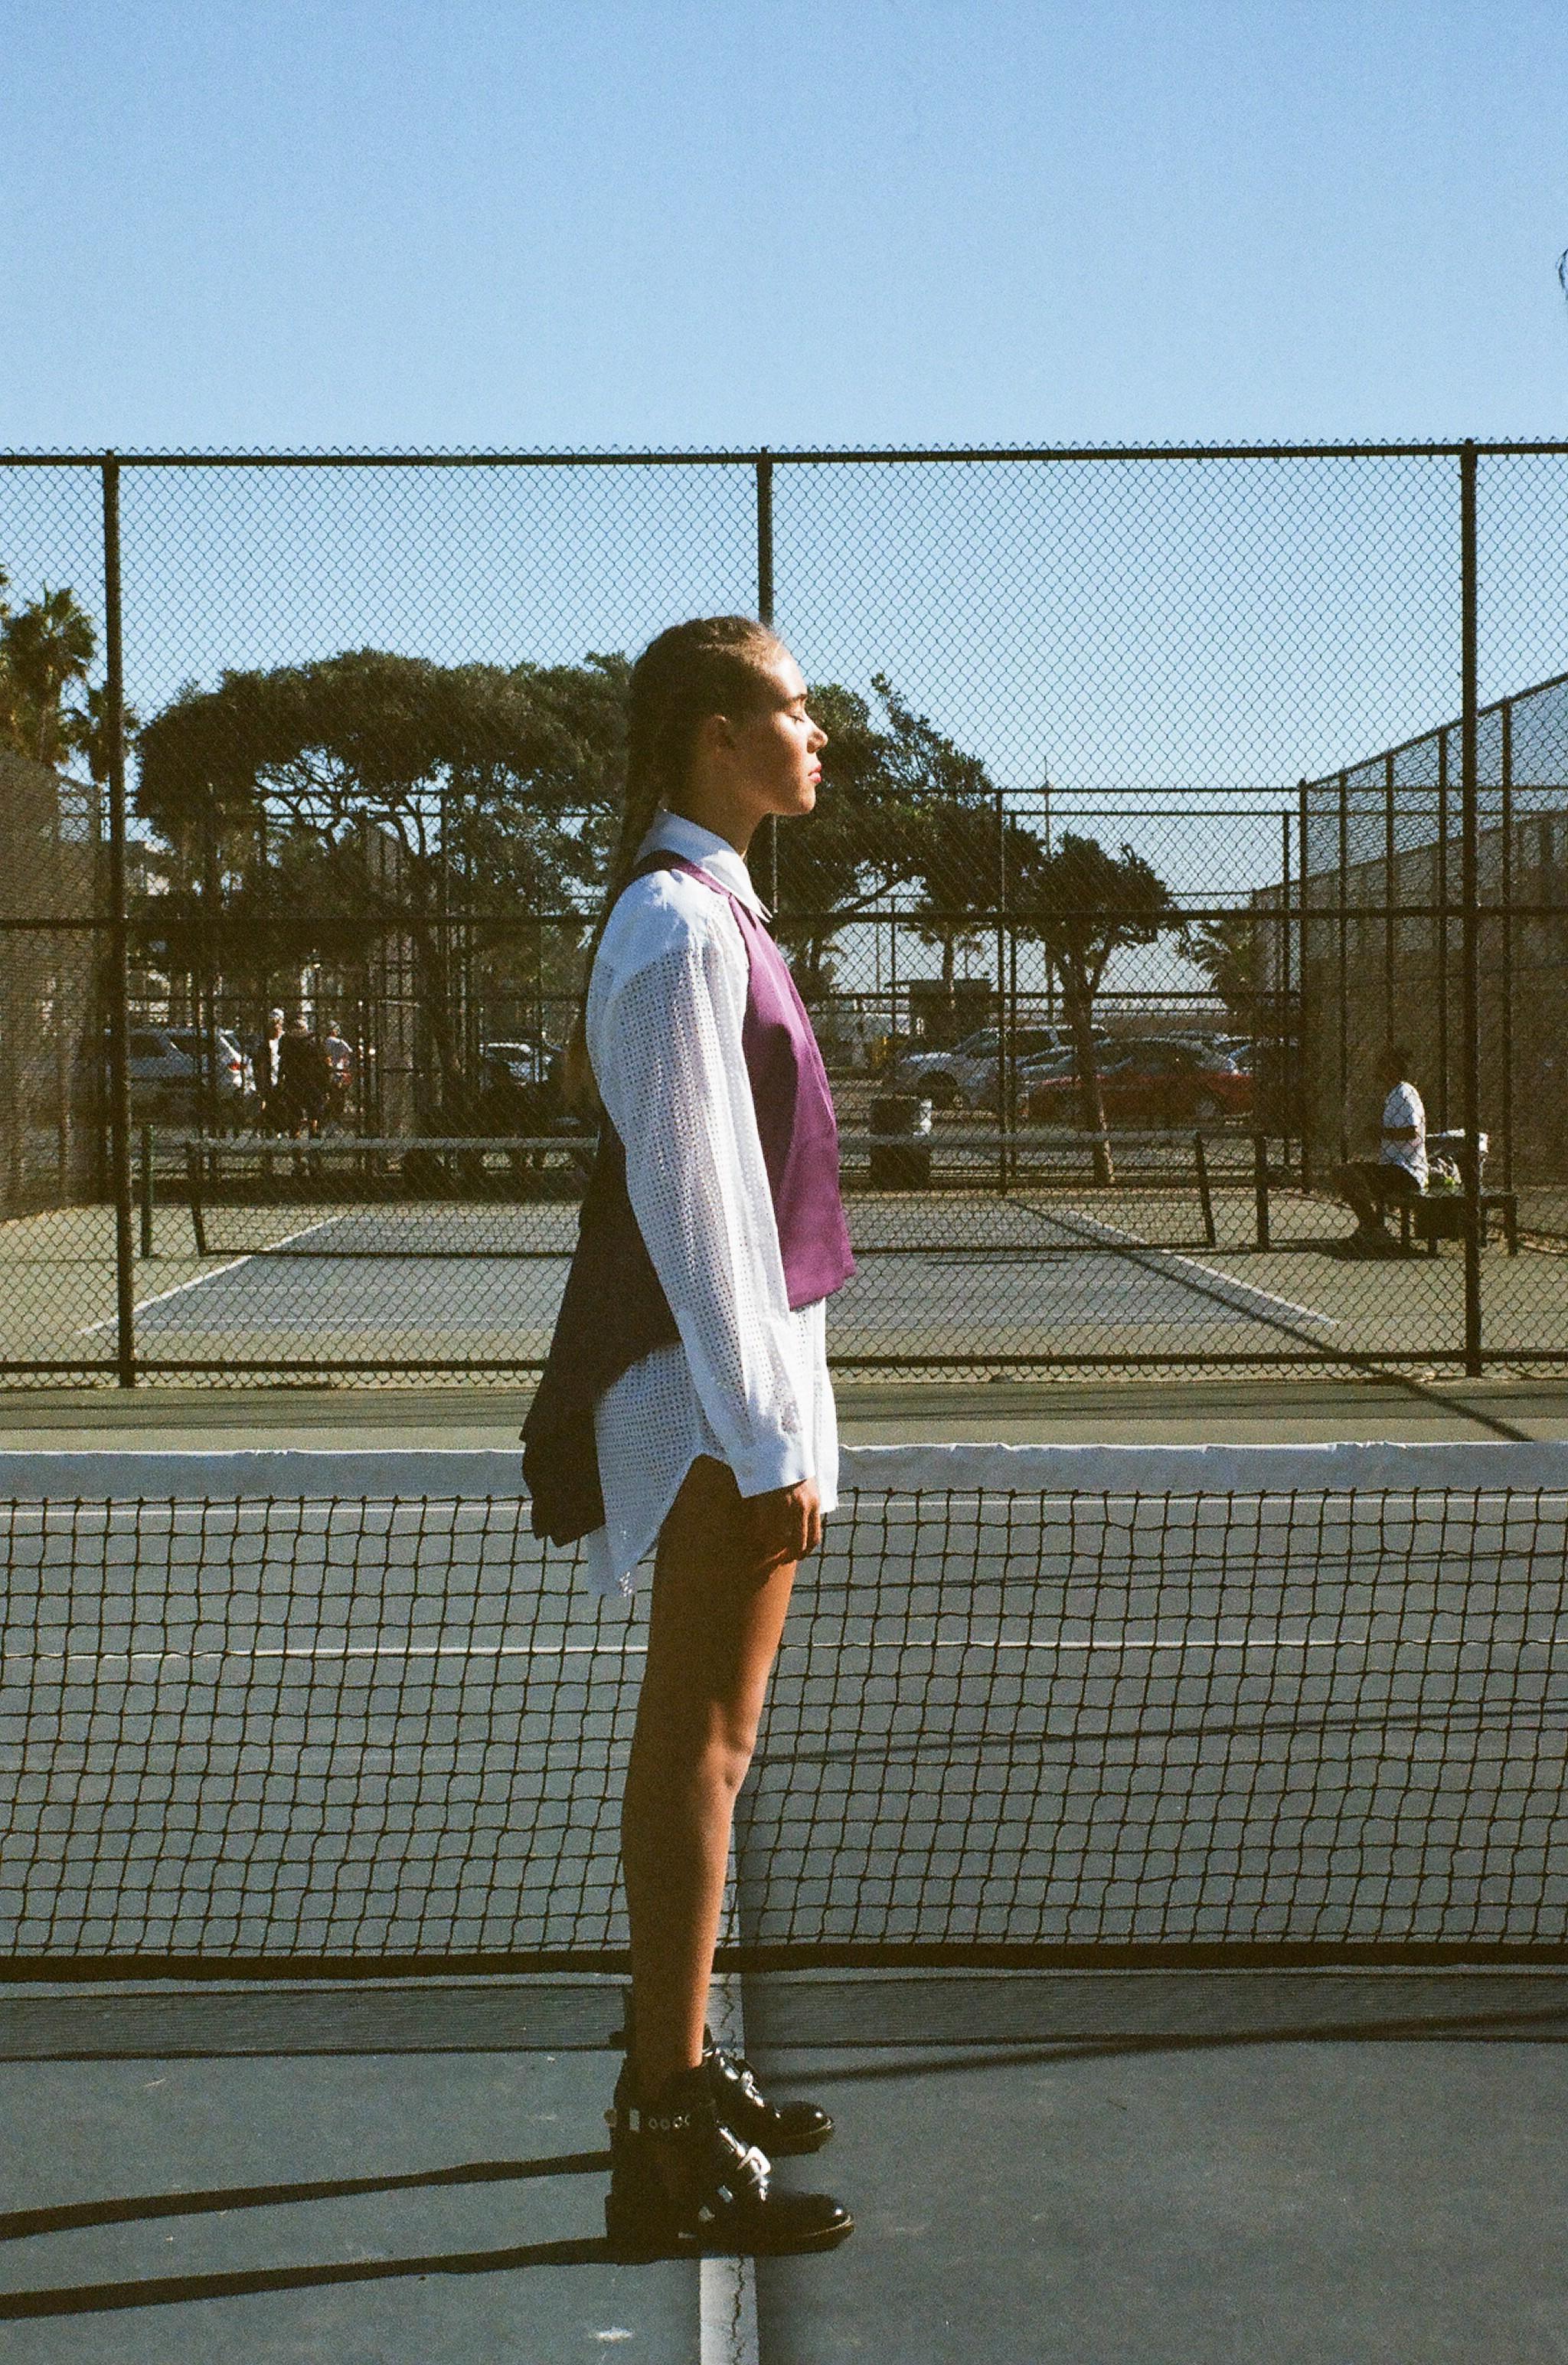 Petie Sjogren_TennisCourt